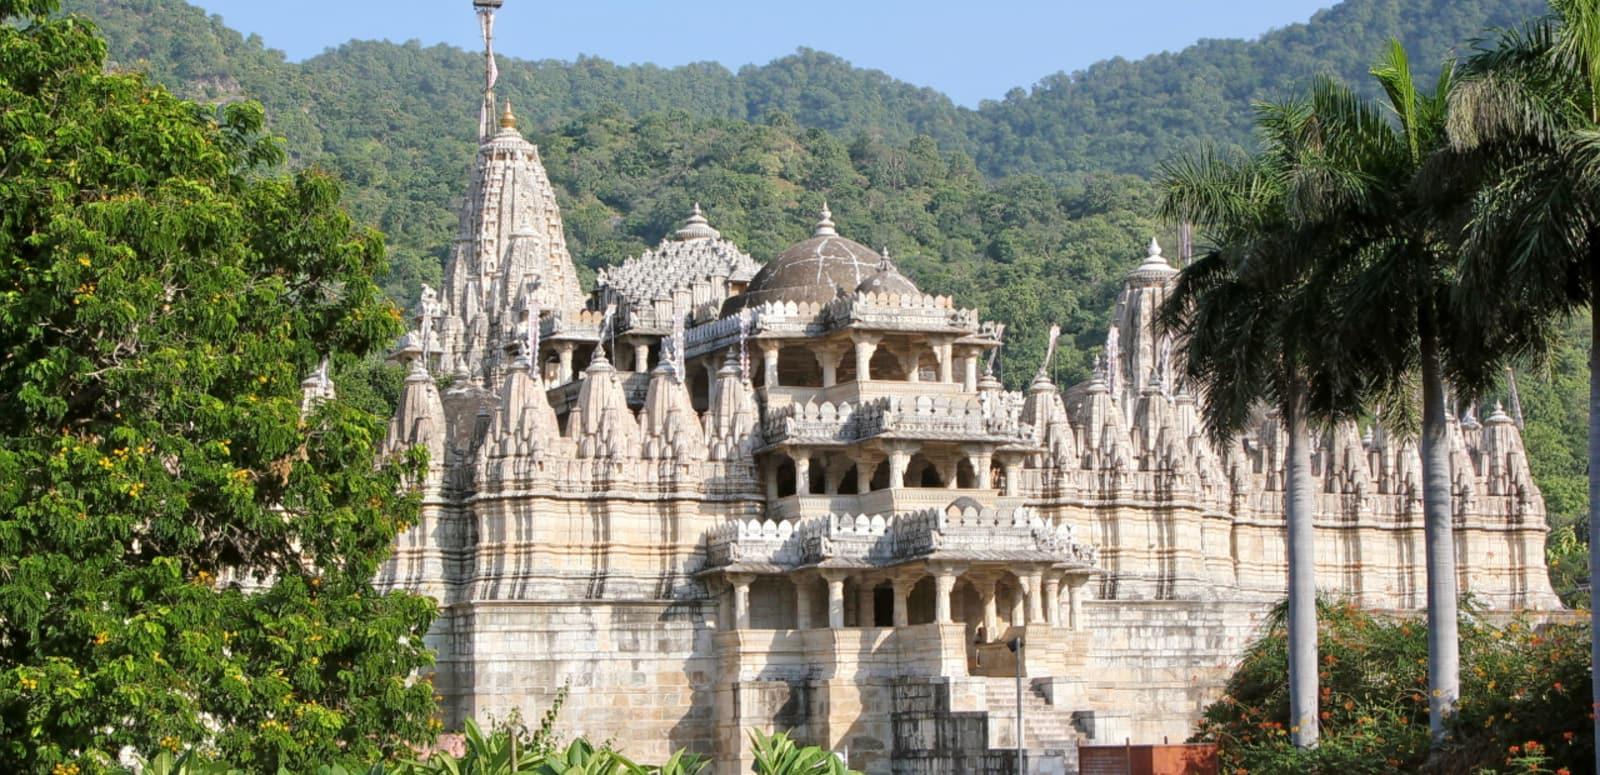 1492500811_chaumukha_jain_temple_at_ranakpur_in_aravalli_range_near_udaipur_rajasthan_india.jpg